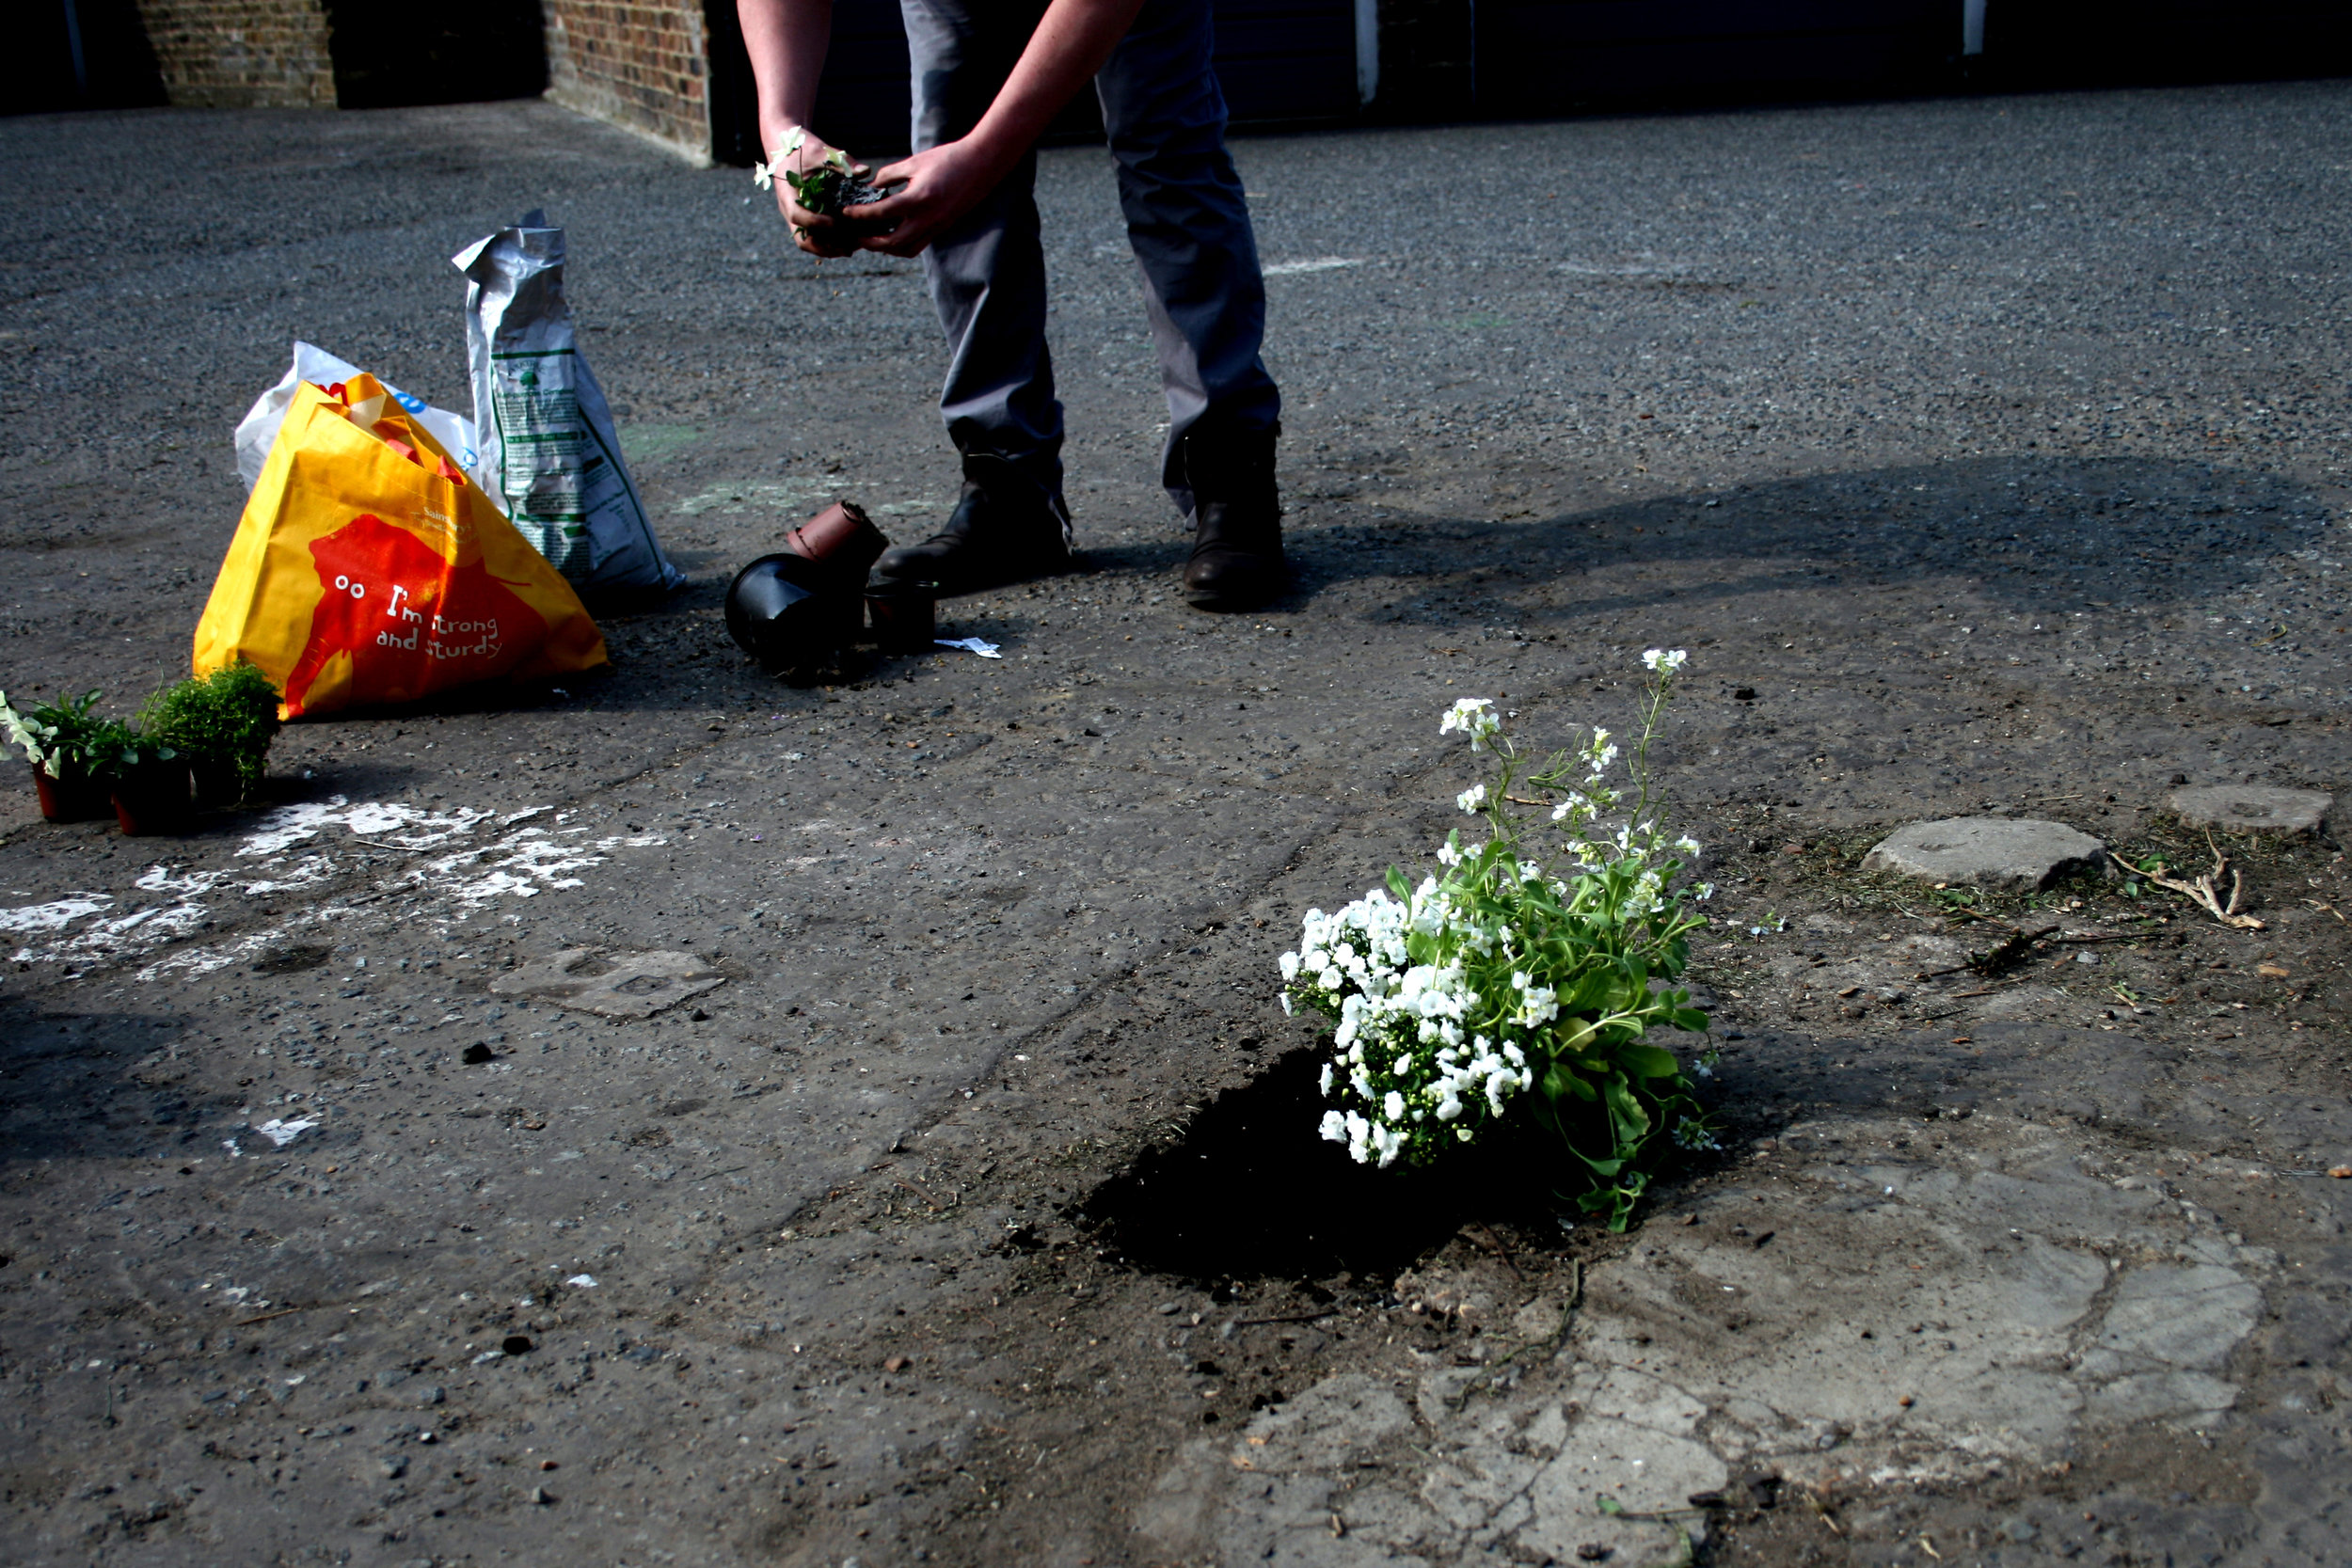 Royal Pothole garden